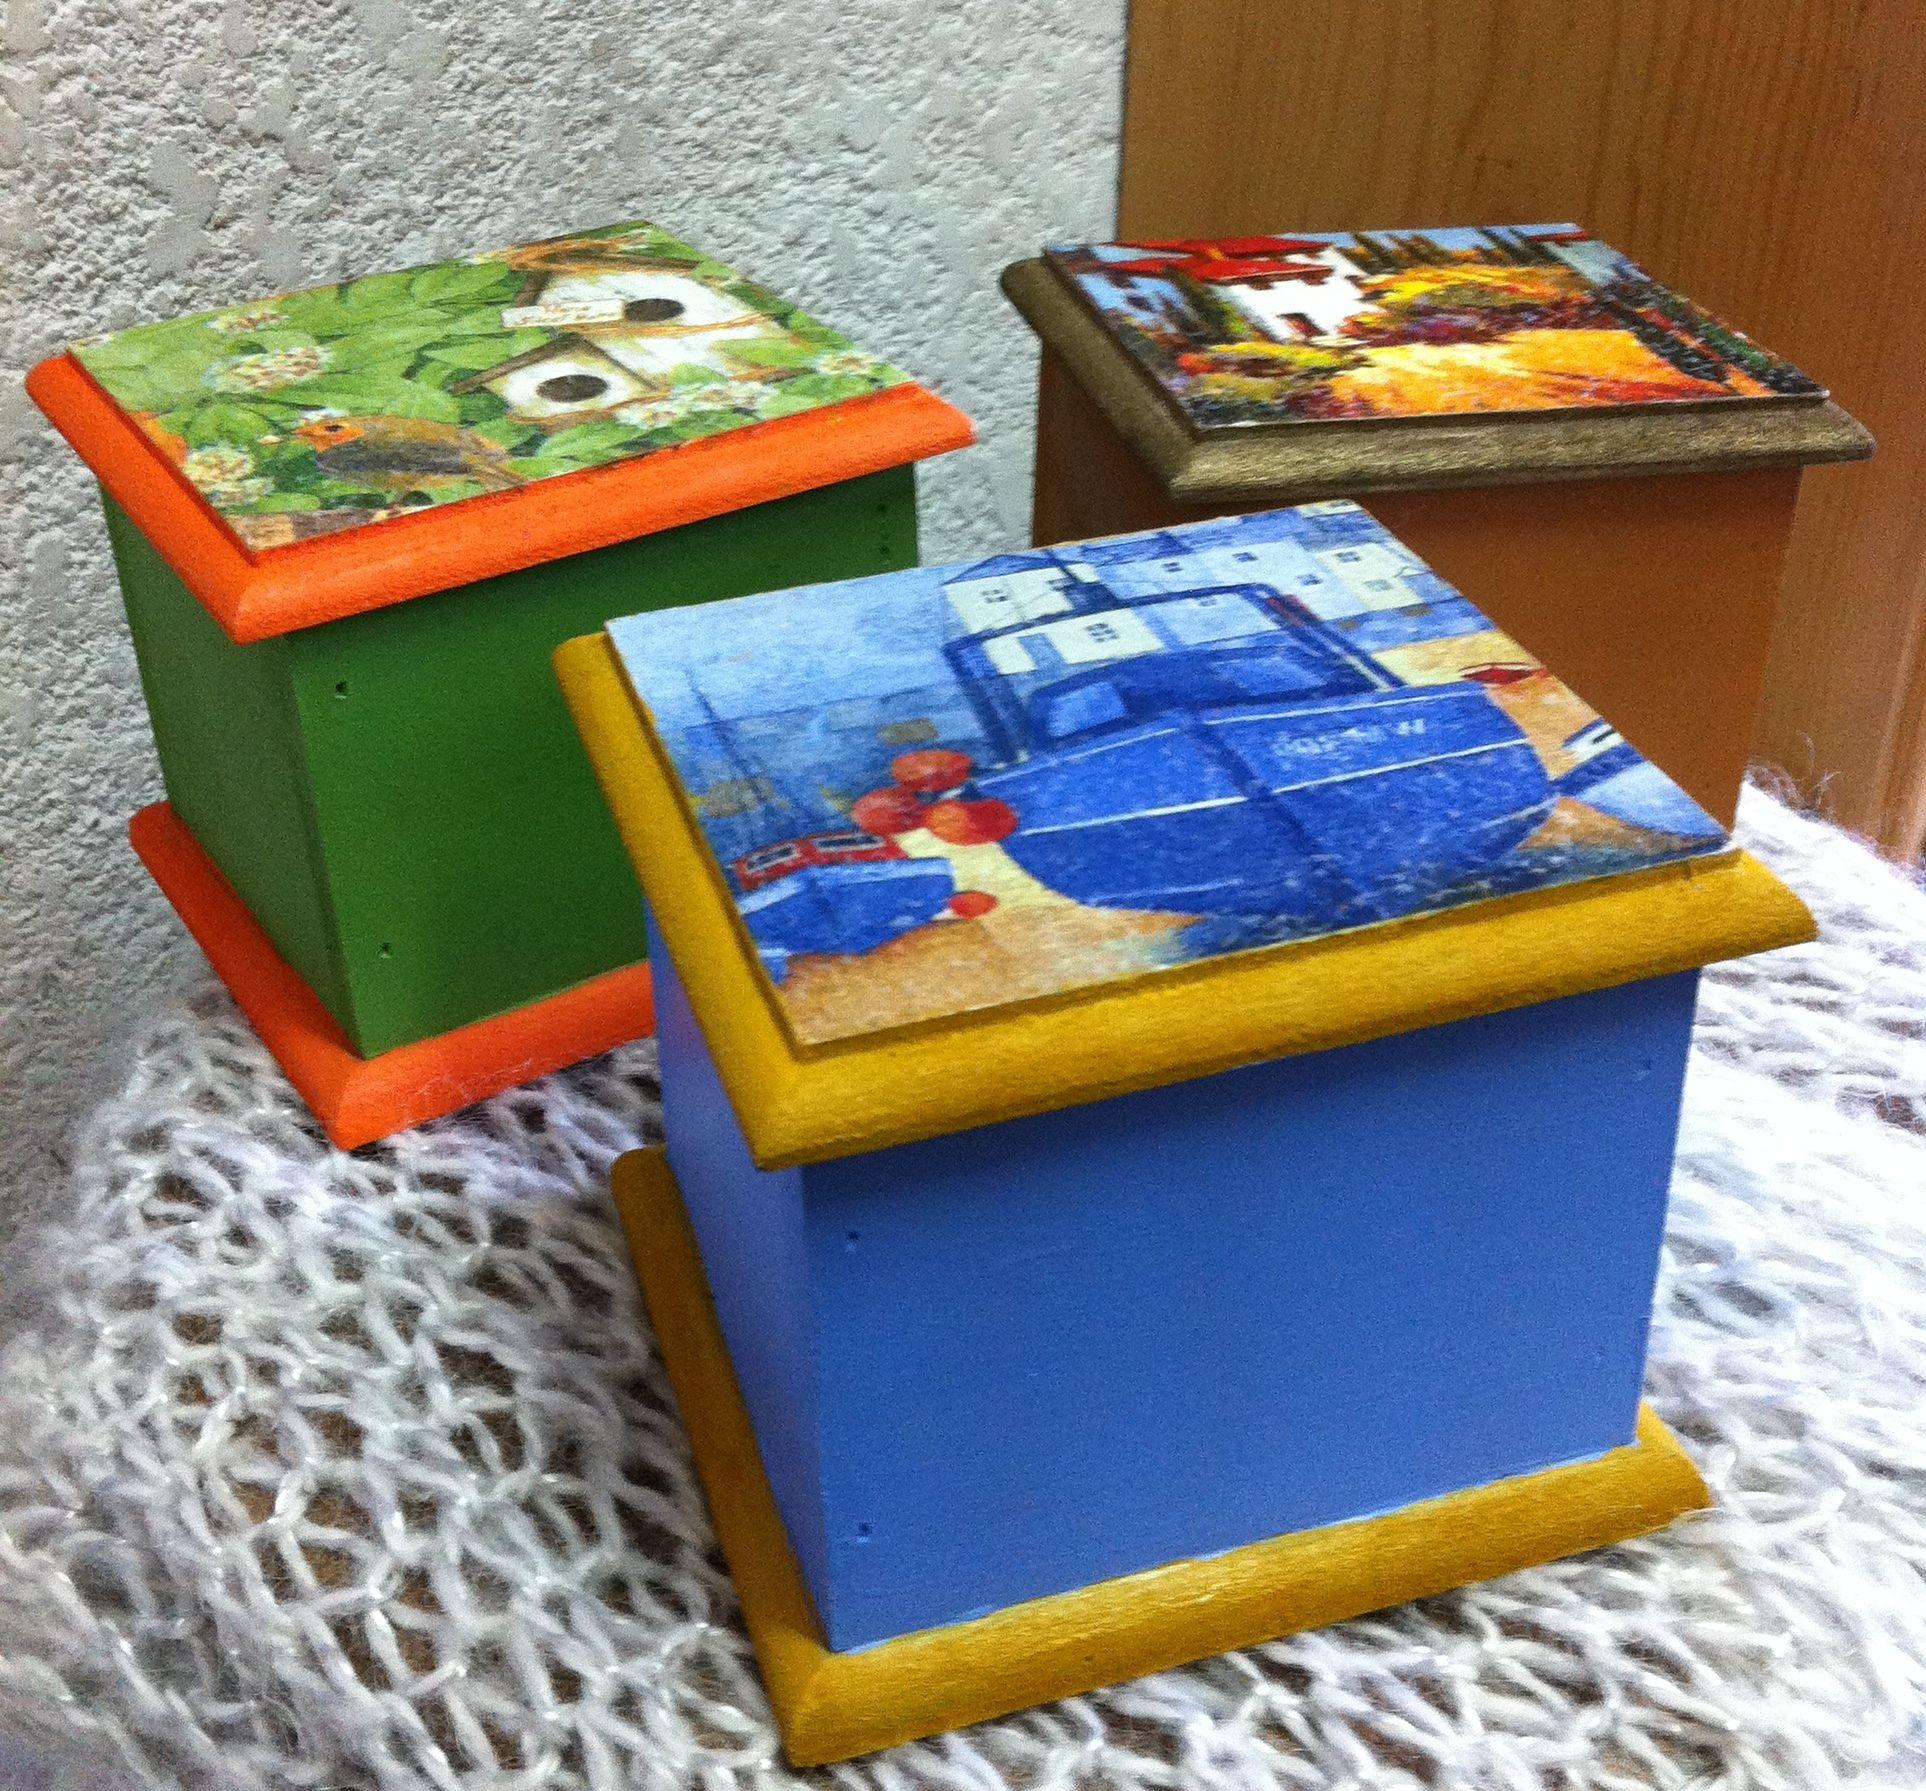 Cajitas de madera pintadas a mano combinado con decoupage - Cajas de madera pintadas a mano ...